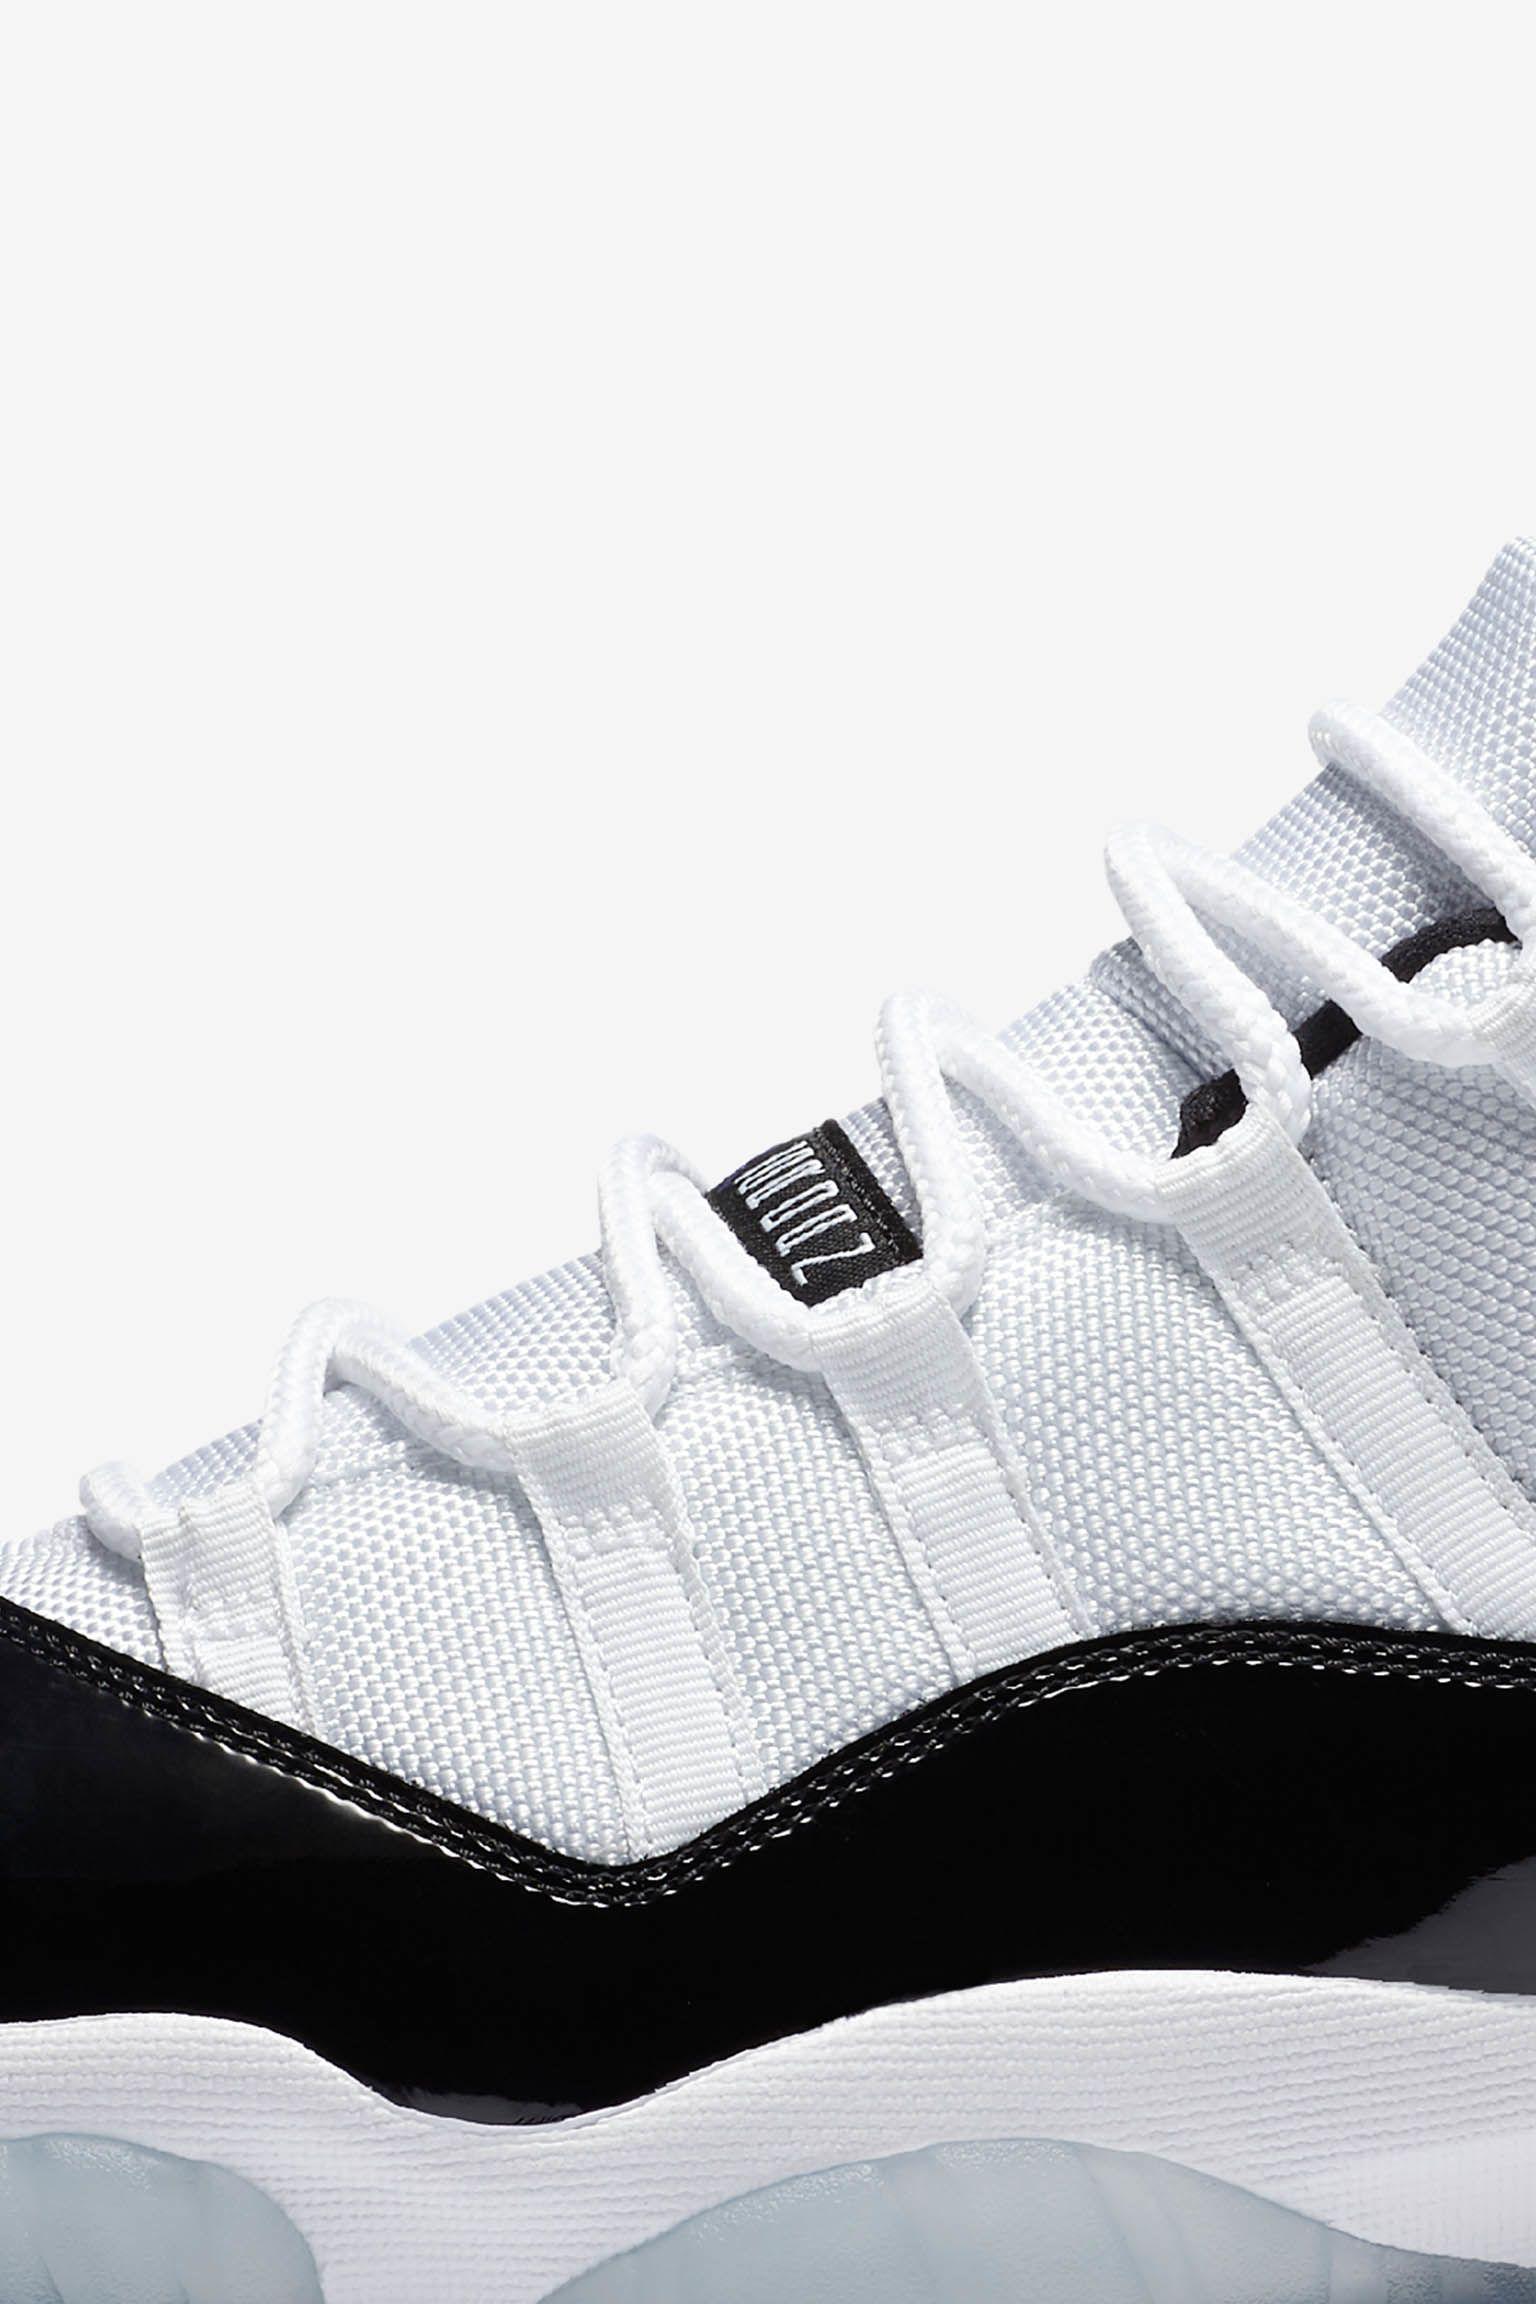 Air Jordan 11 Retro Low 'Concord'. Release Date